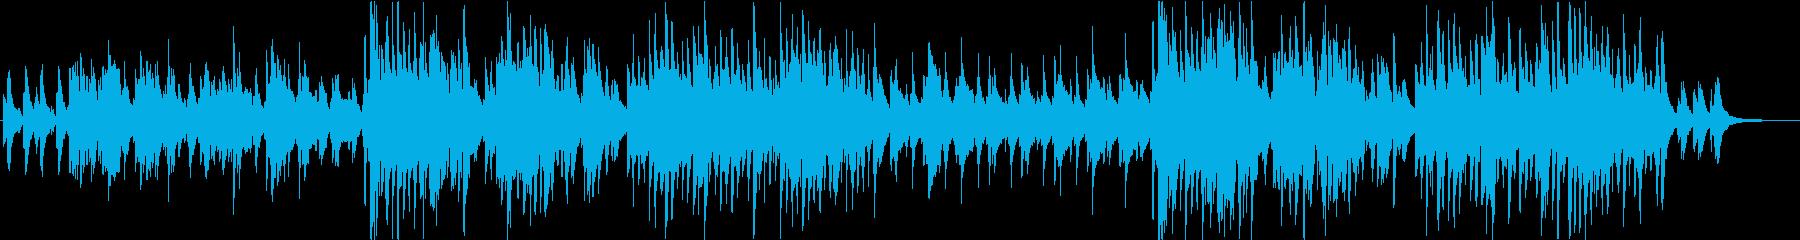 森のカフェBGM-トリオジャズの再生済みの波形